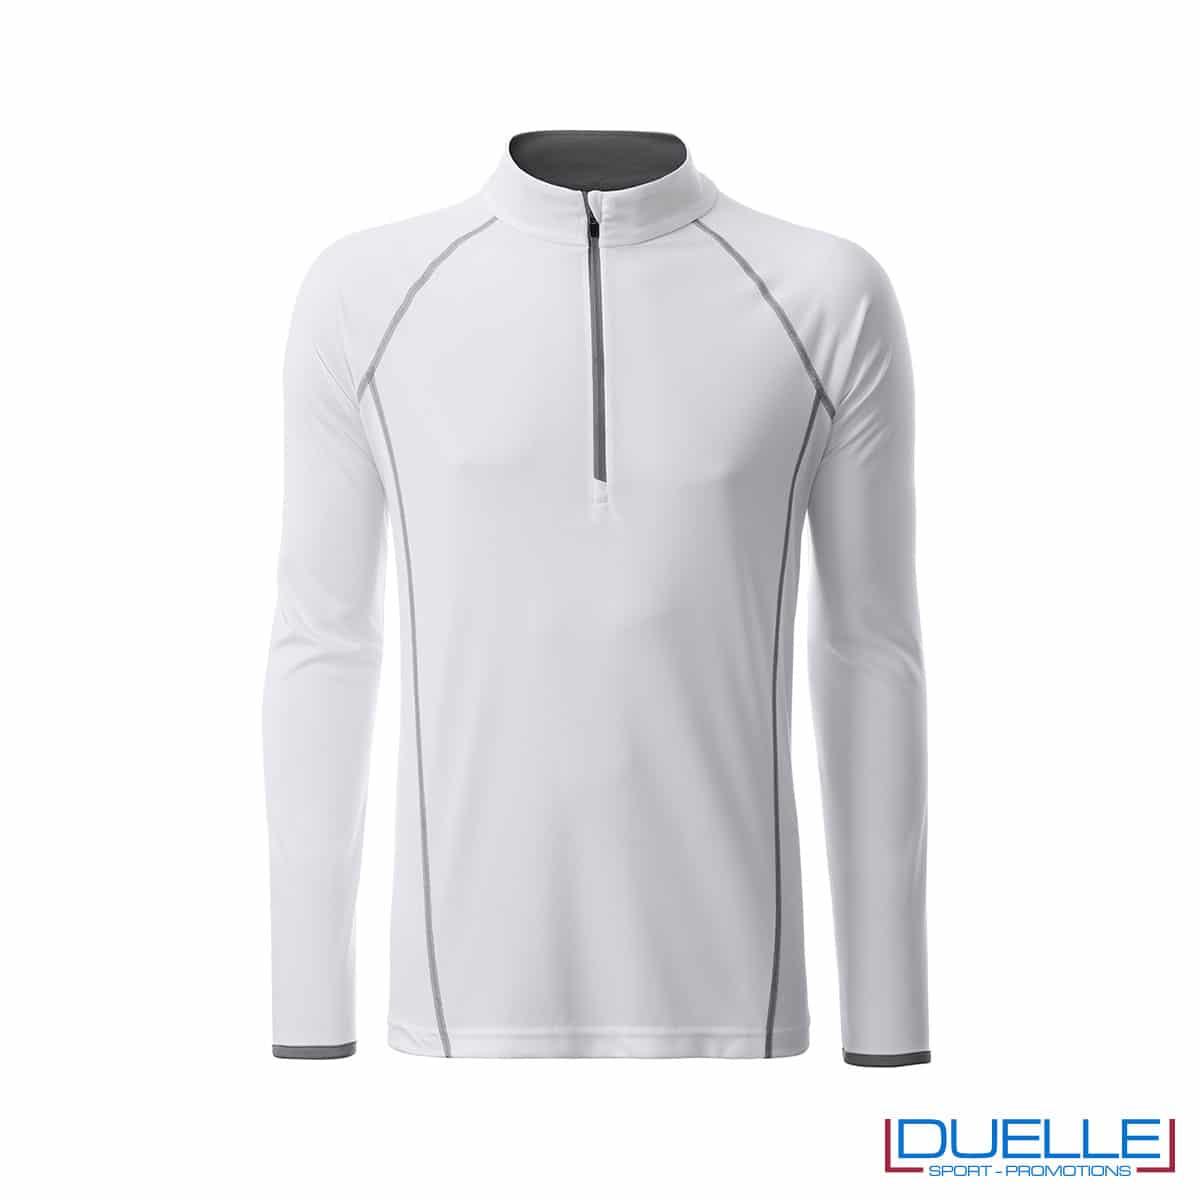 T-shirt manica lunga con zip colore bianco personalizzata